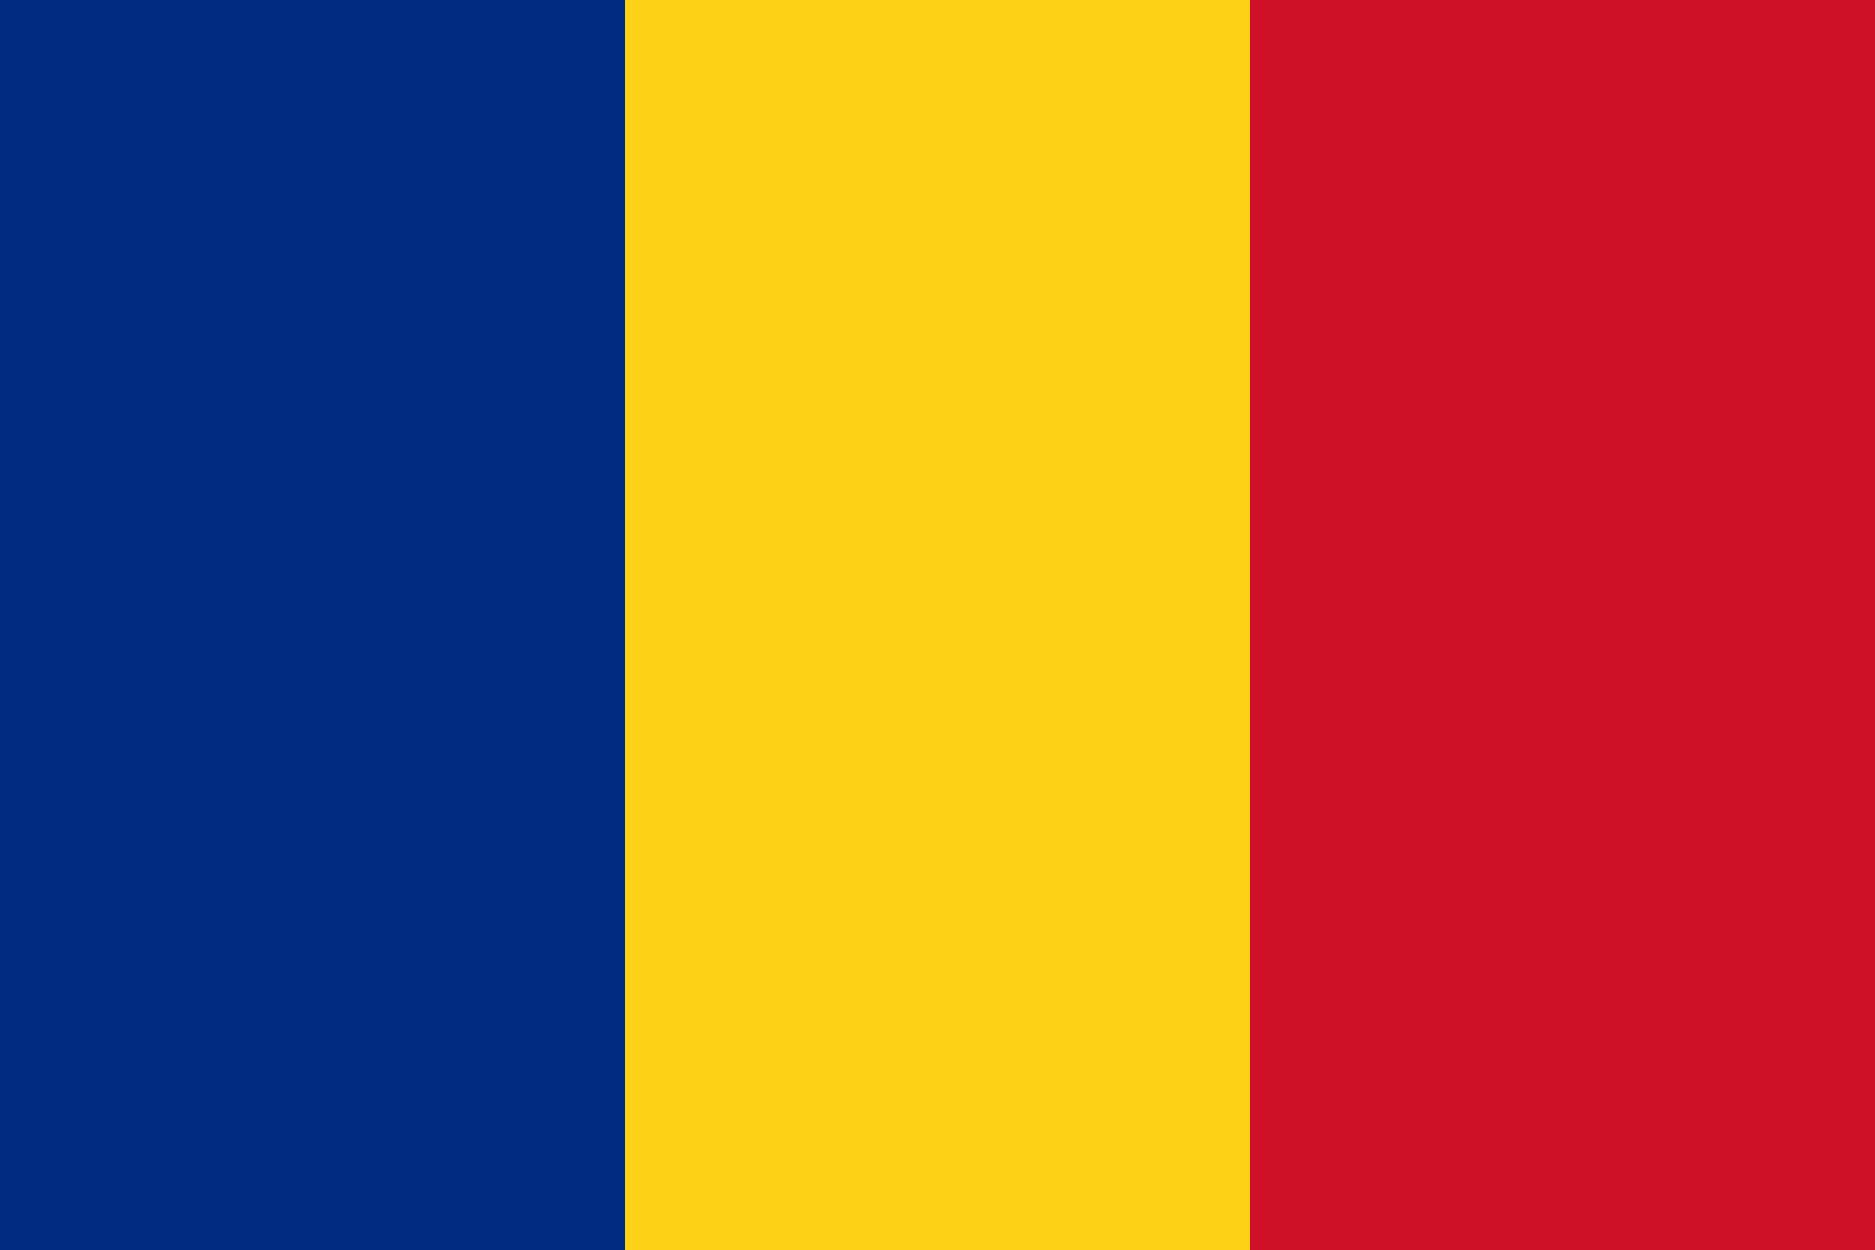 Romania Flag Colours